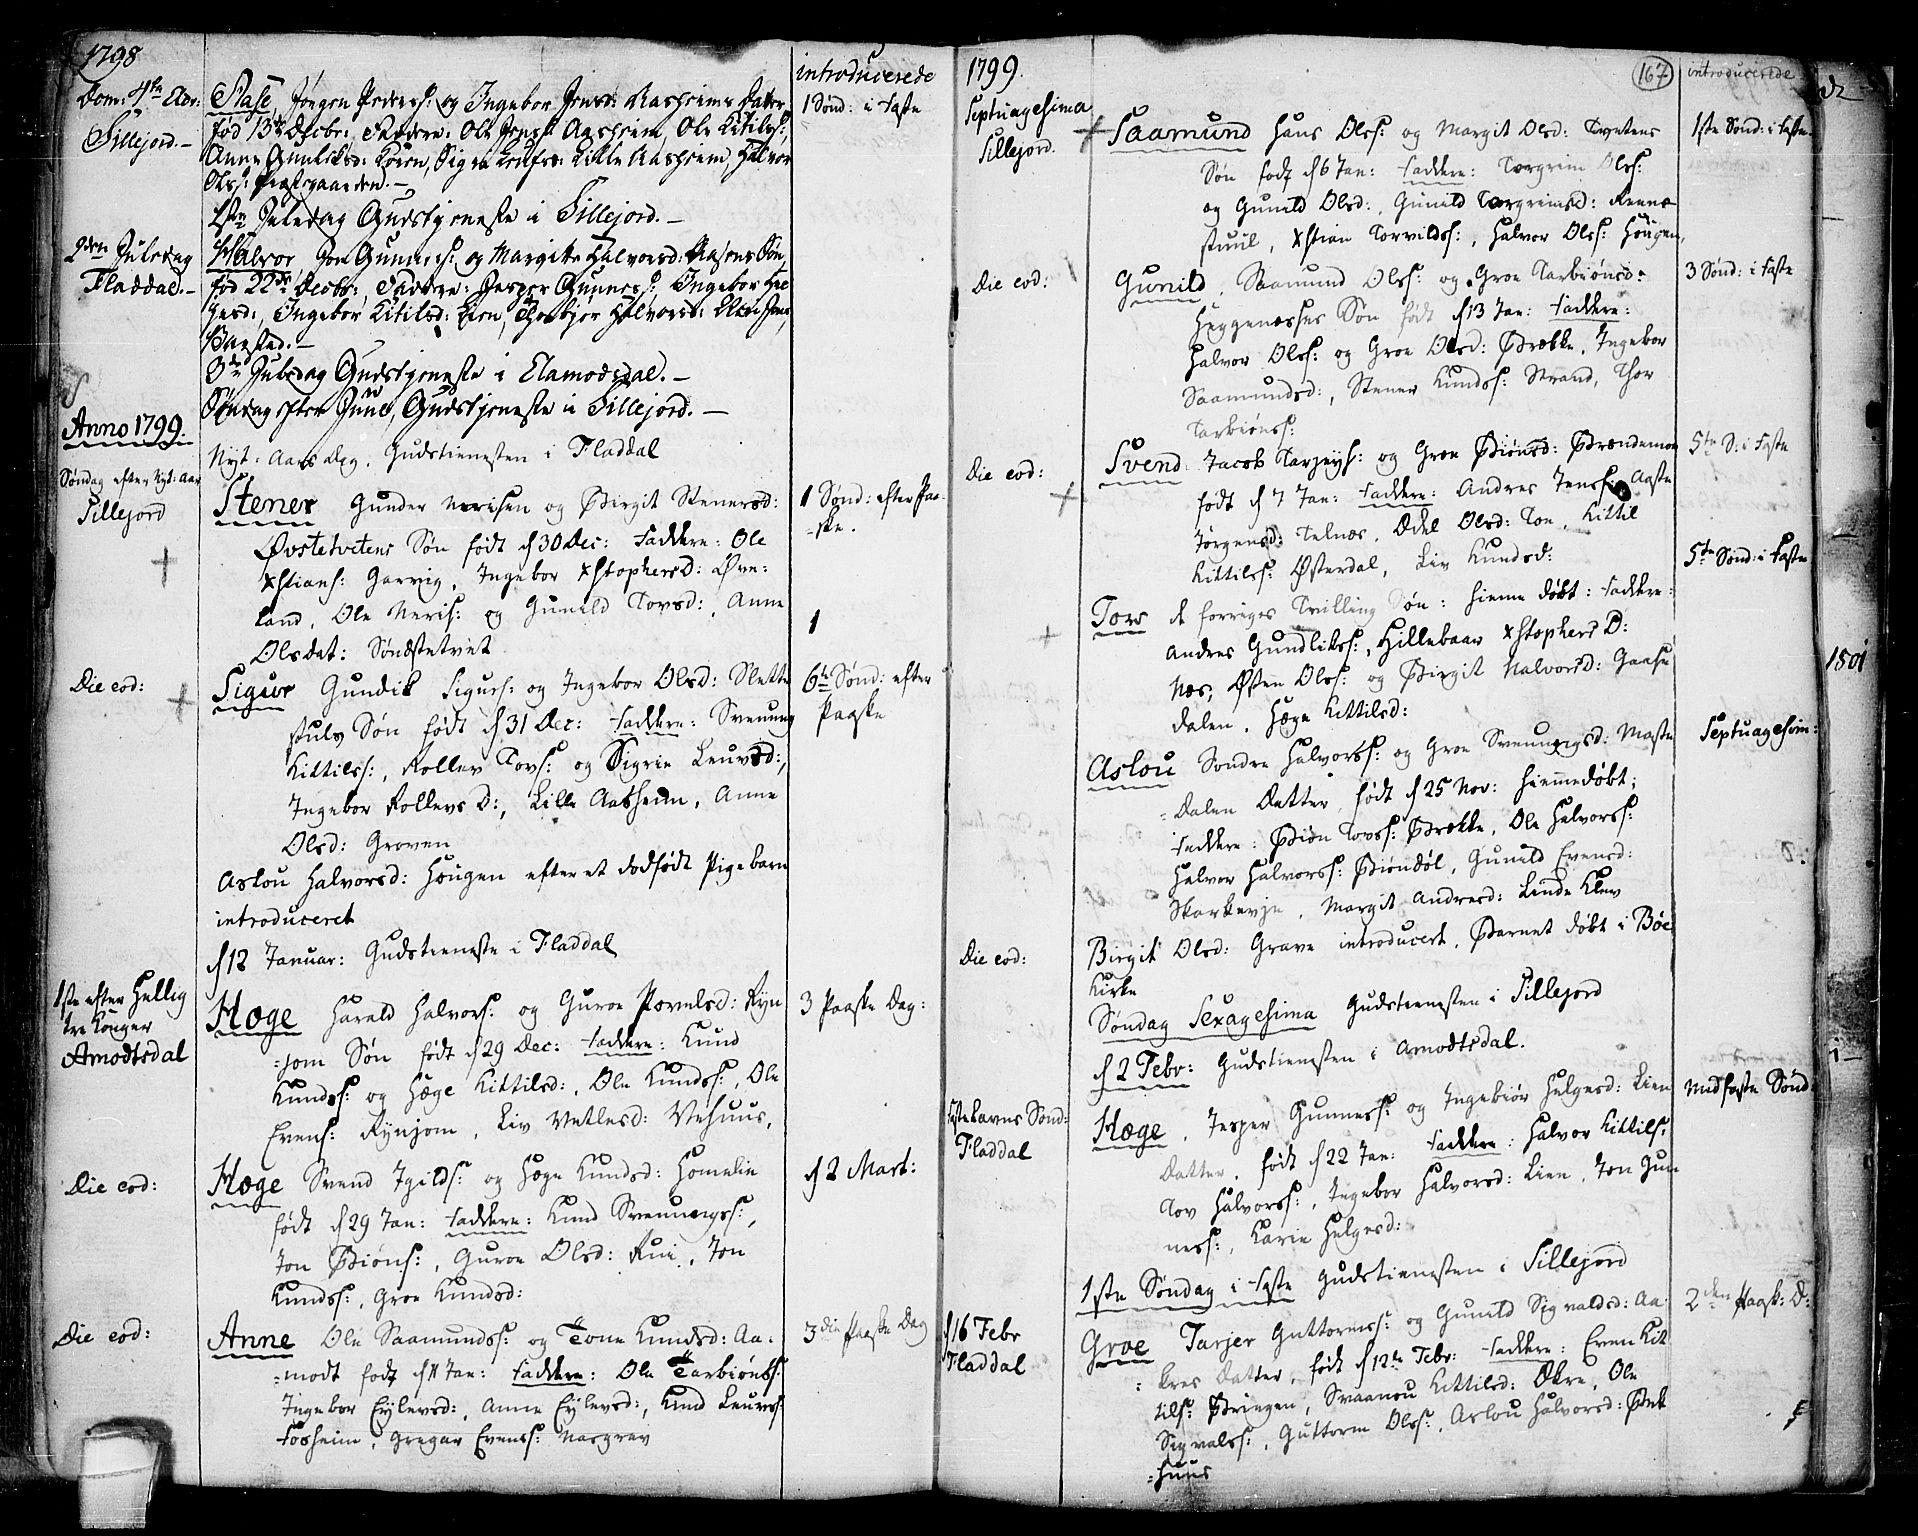 SAKO, Seljord kirkebøker, F/Fa/L0007: Ministerialbok nr. I 7, 1755-1800, s. 167